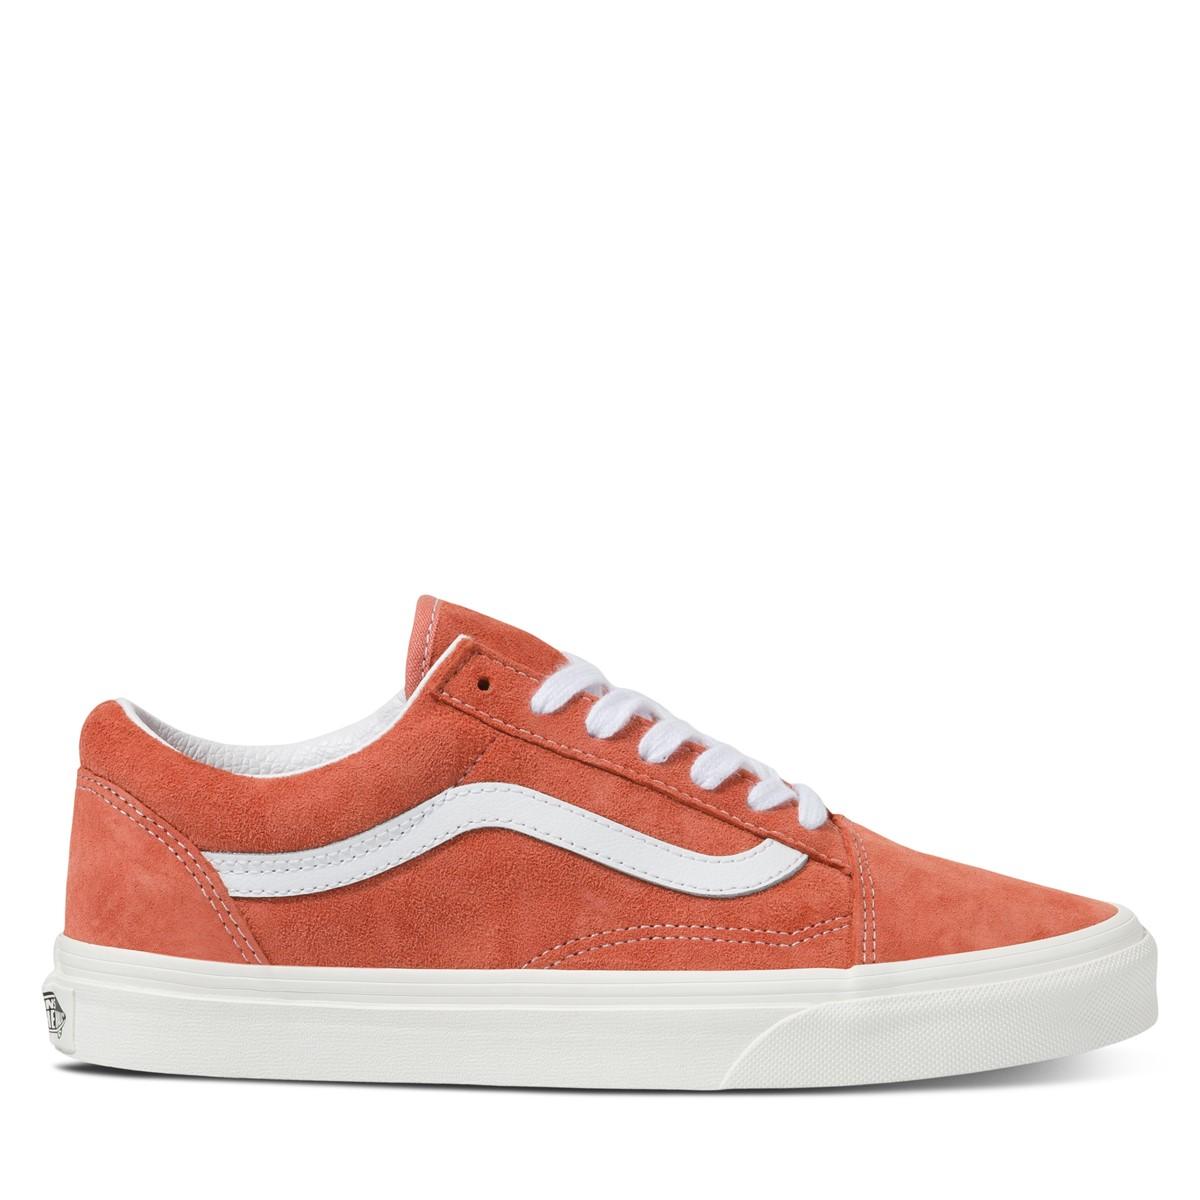 Women's Old Skool Sneakers in Pink Suede